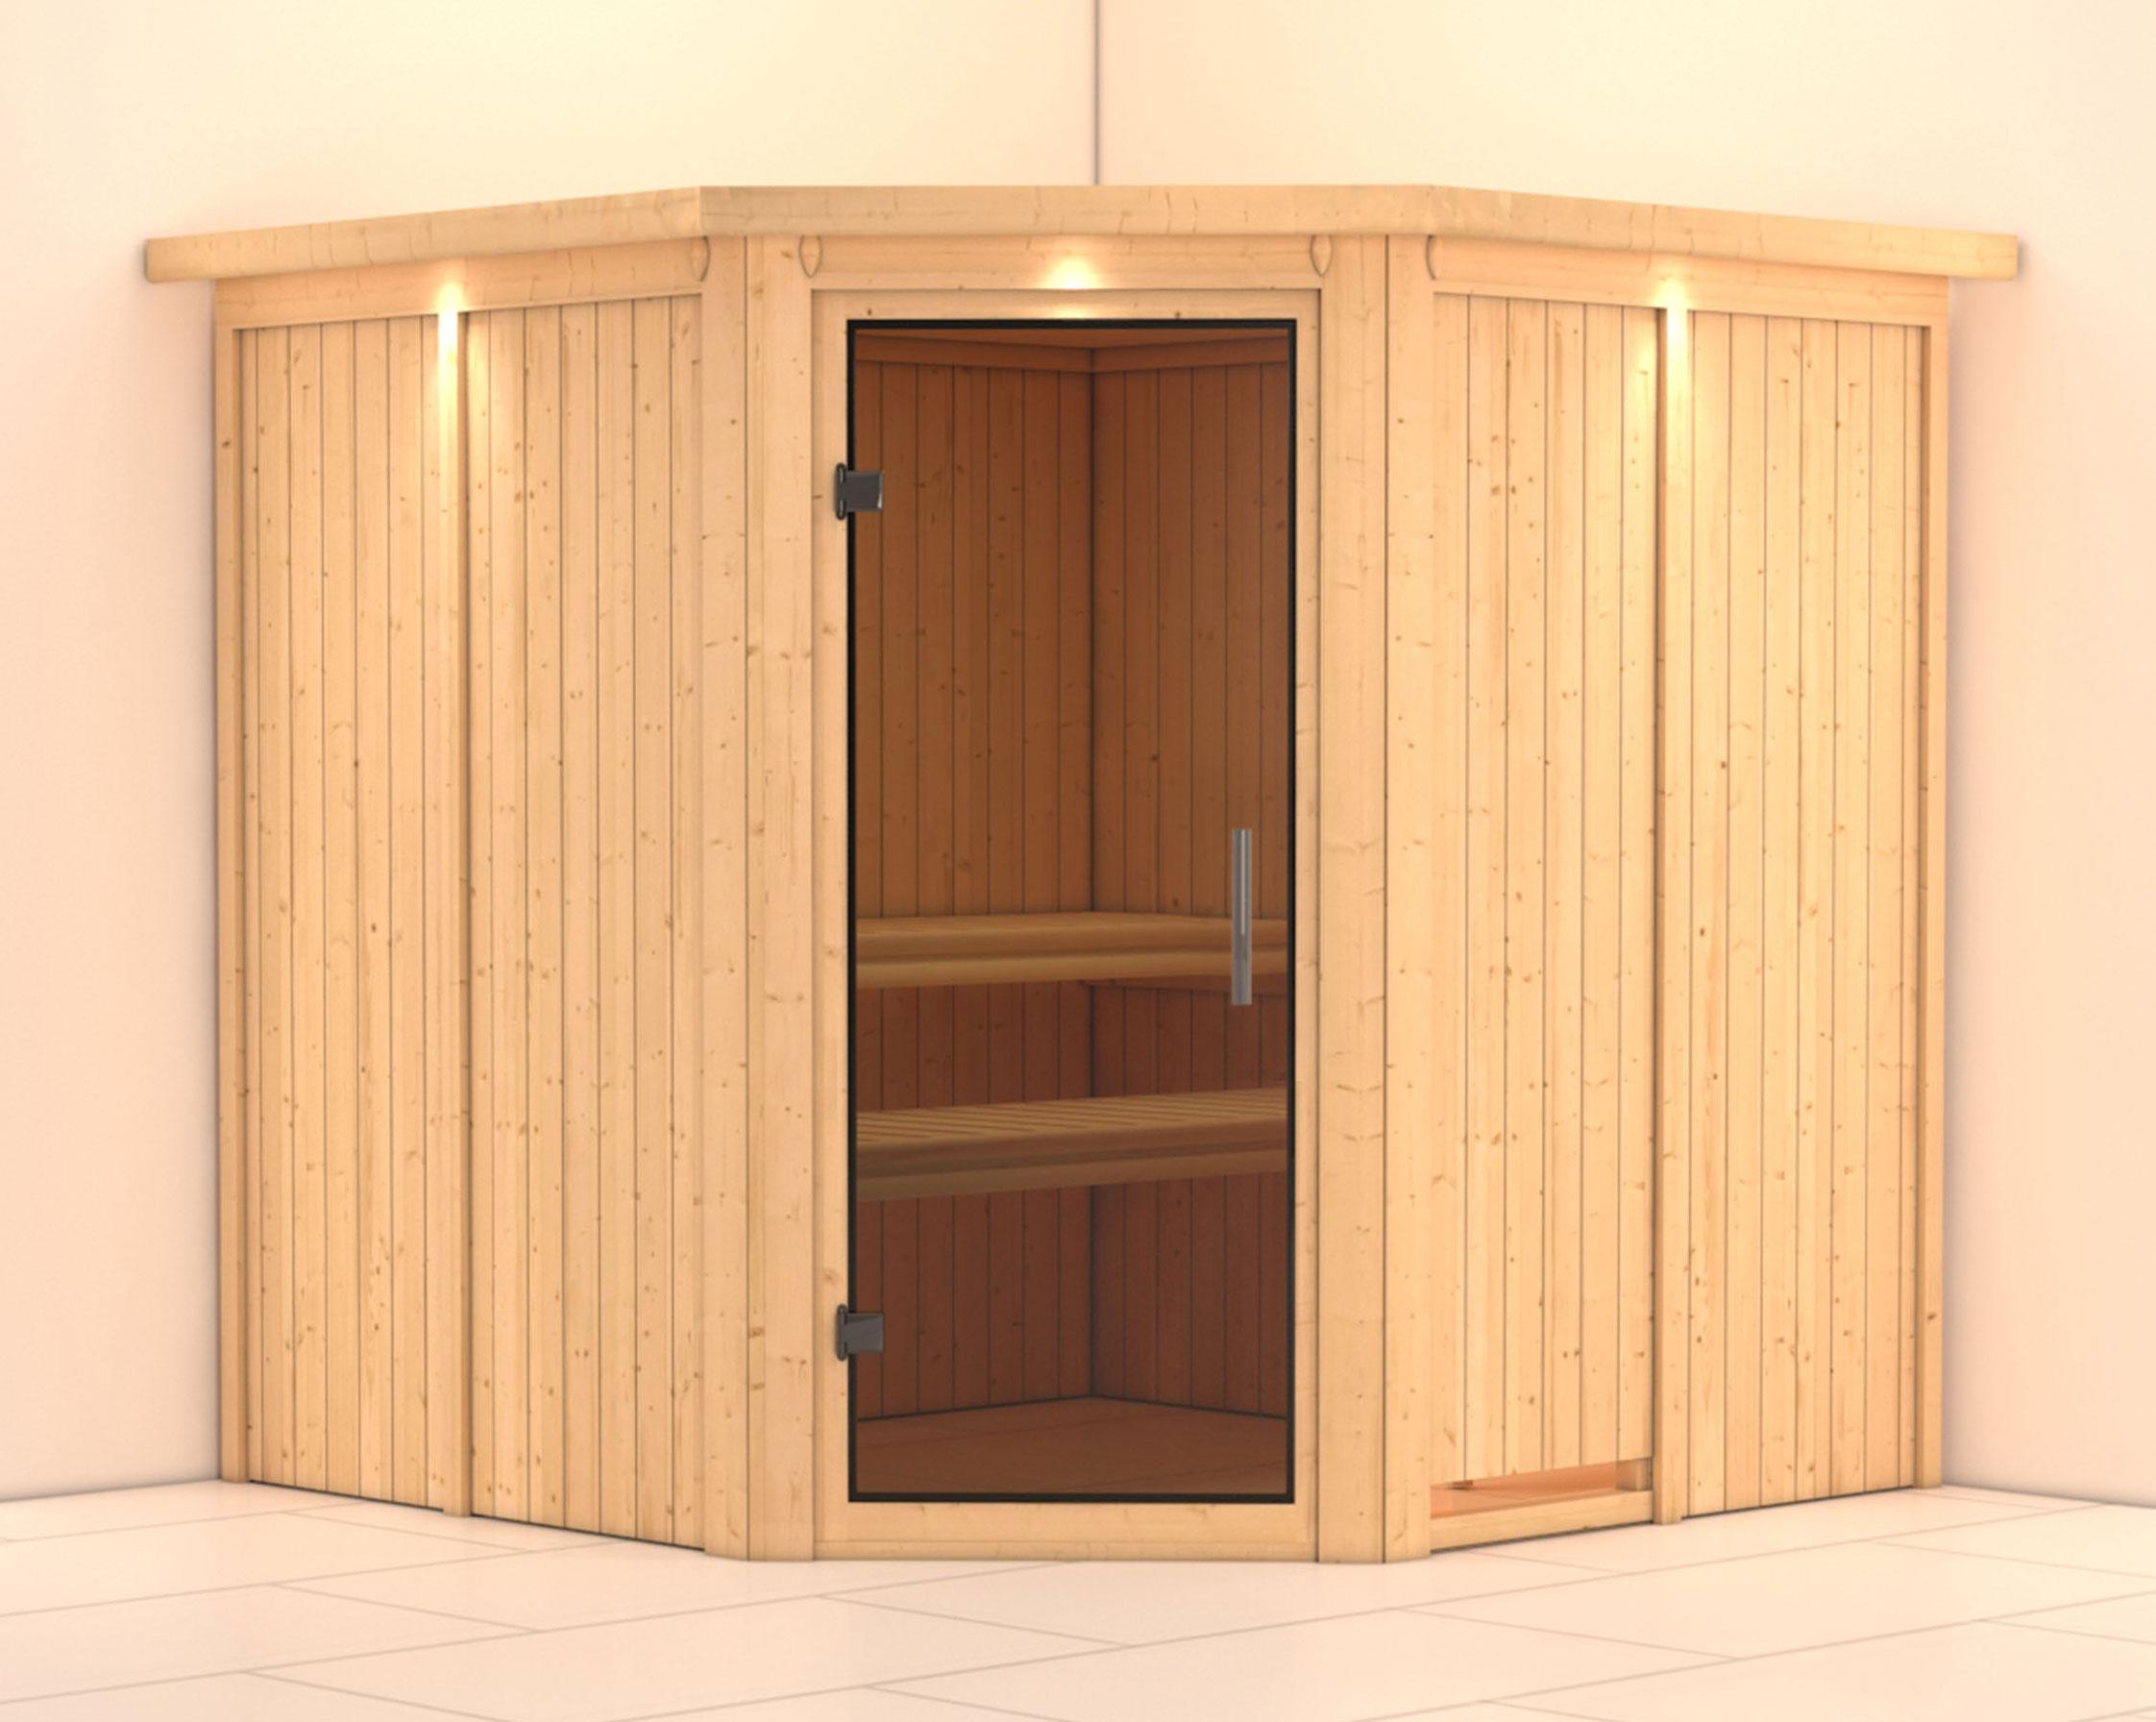 karibu sauna jarin modern mit dachkranz ohne saunaofen. Black Bedroom Furniture Sets. Home Design Ideas